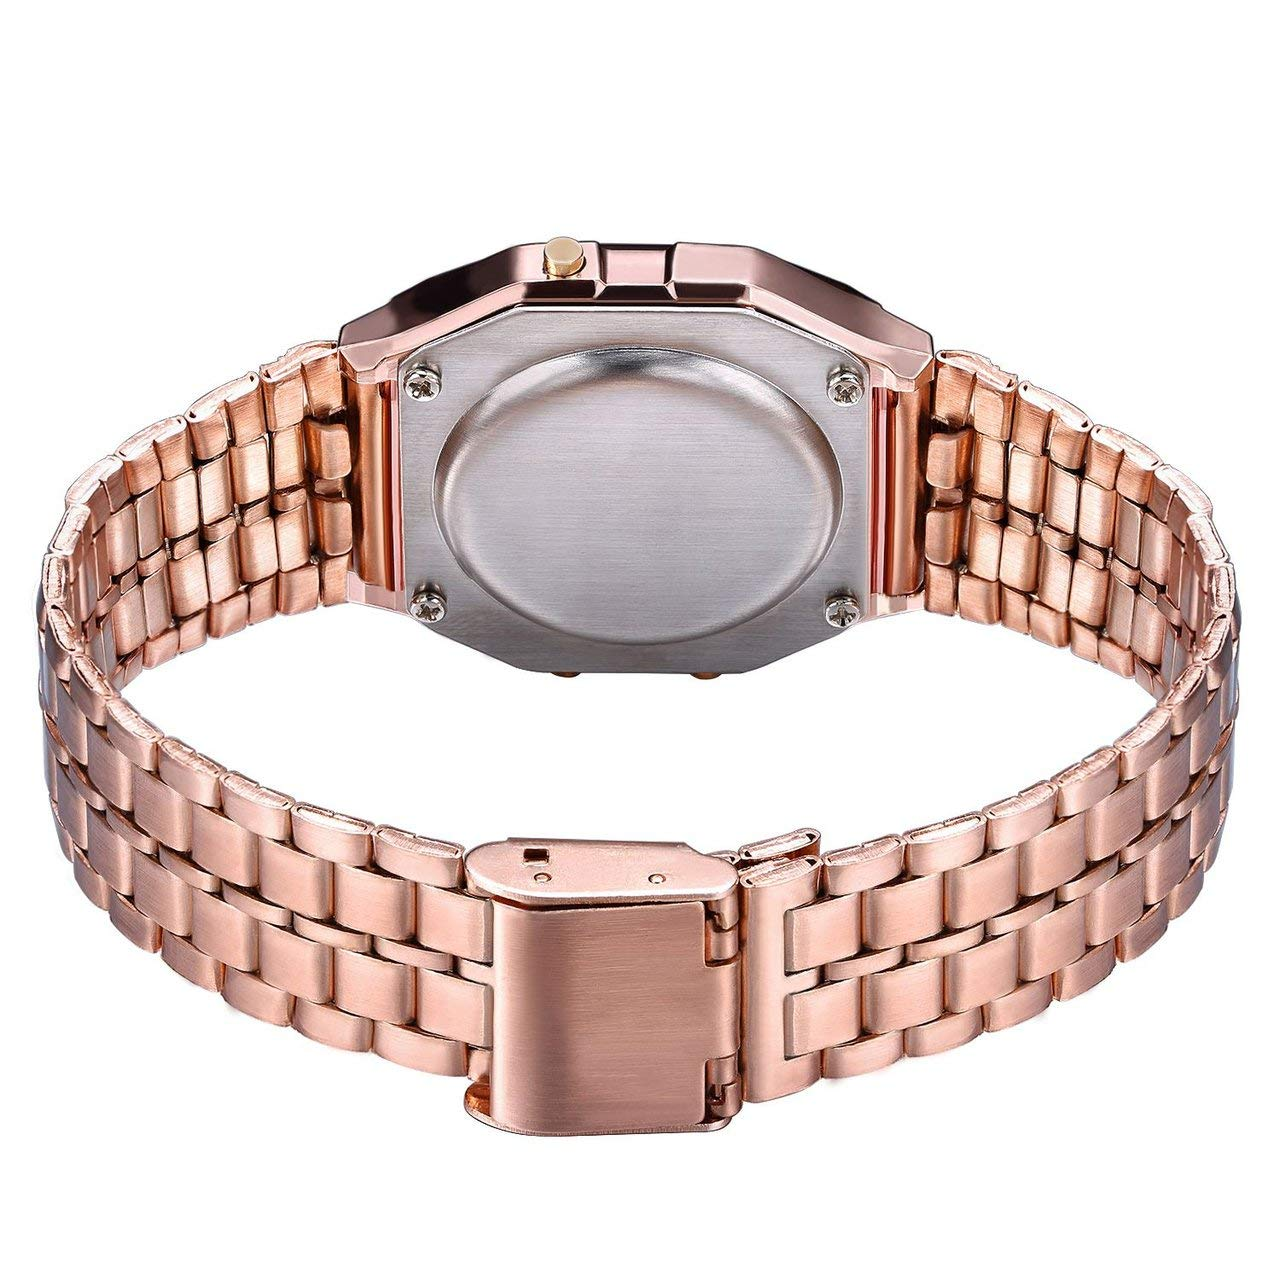 fFRtprintse Mode Vintage LED Num/érique Montre en Acier Inoxydable Bracelet en Alarme Montre-Bracelet Robe Business Montre-Bracelet pour Hommes Femmes